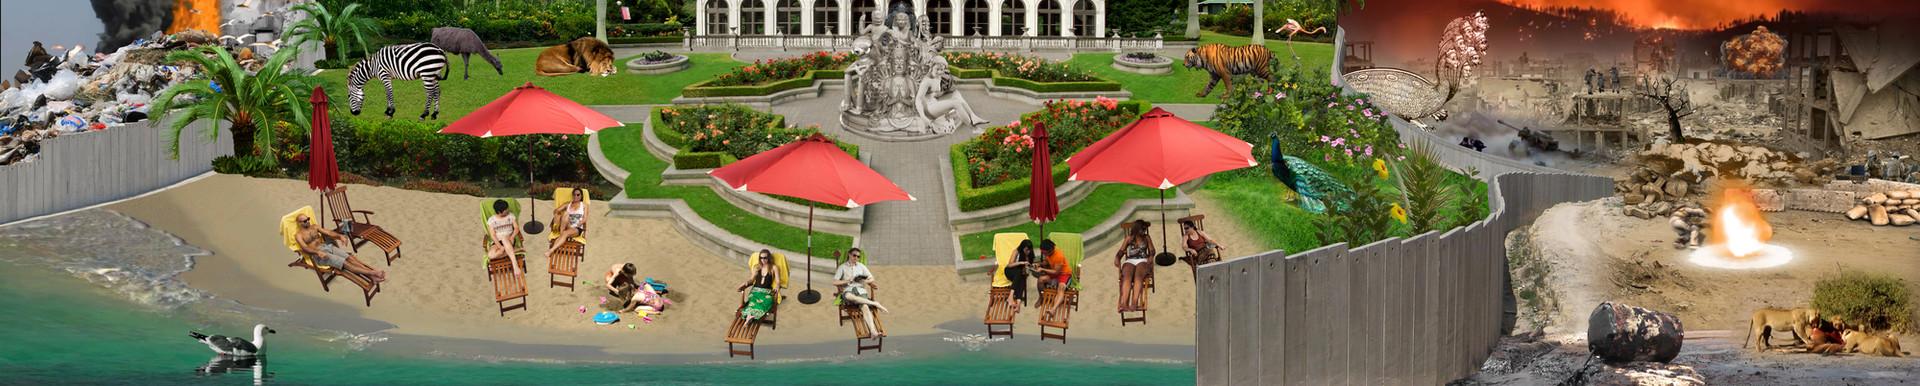 Resort still 11